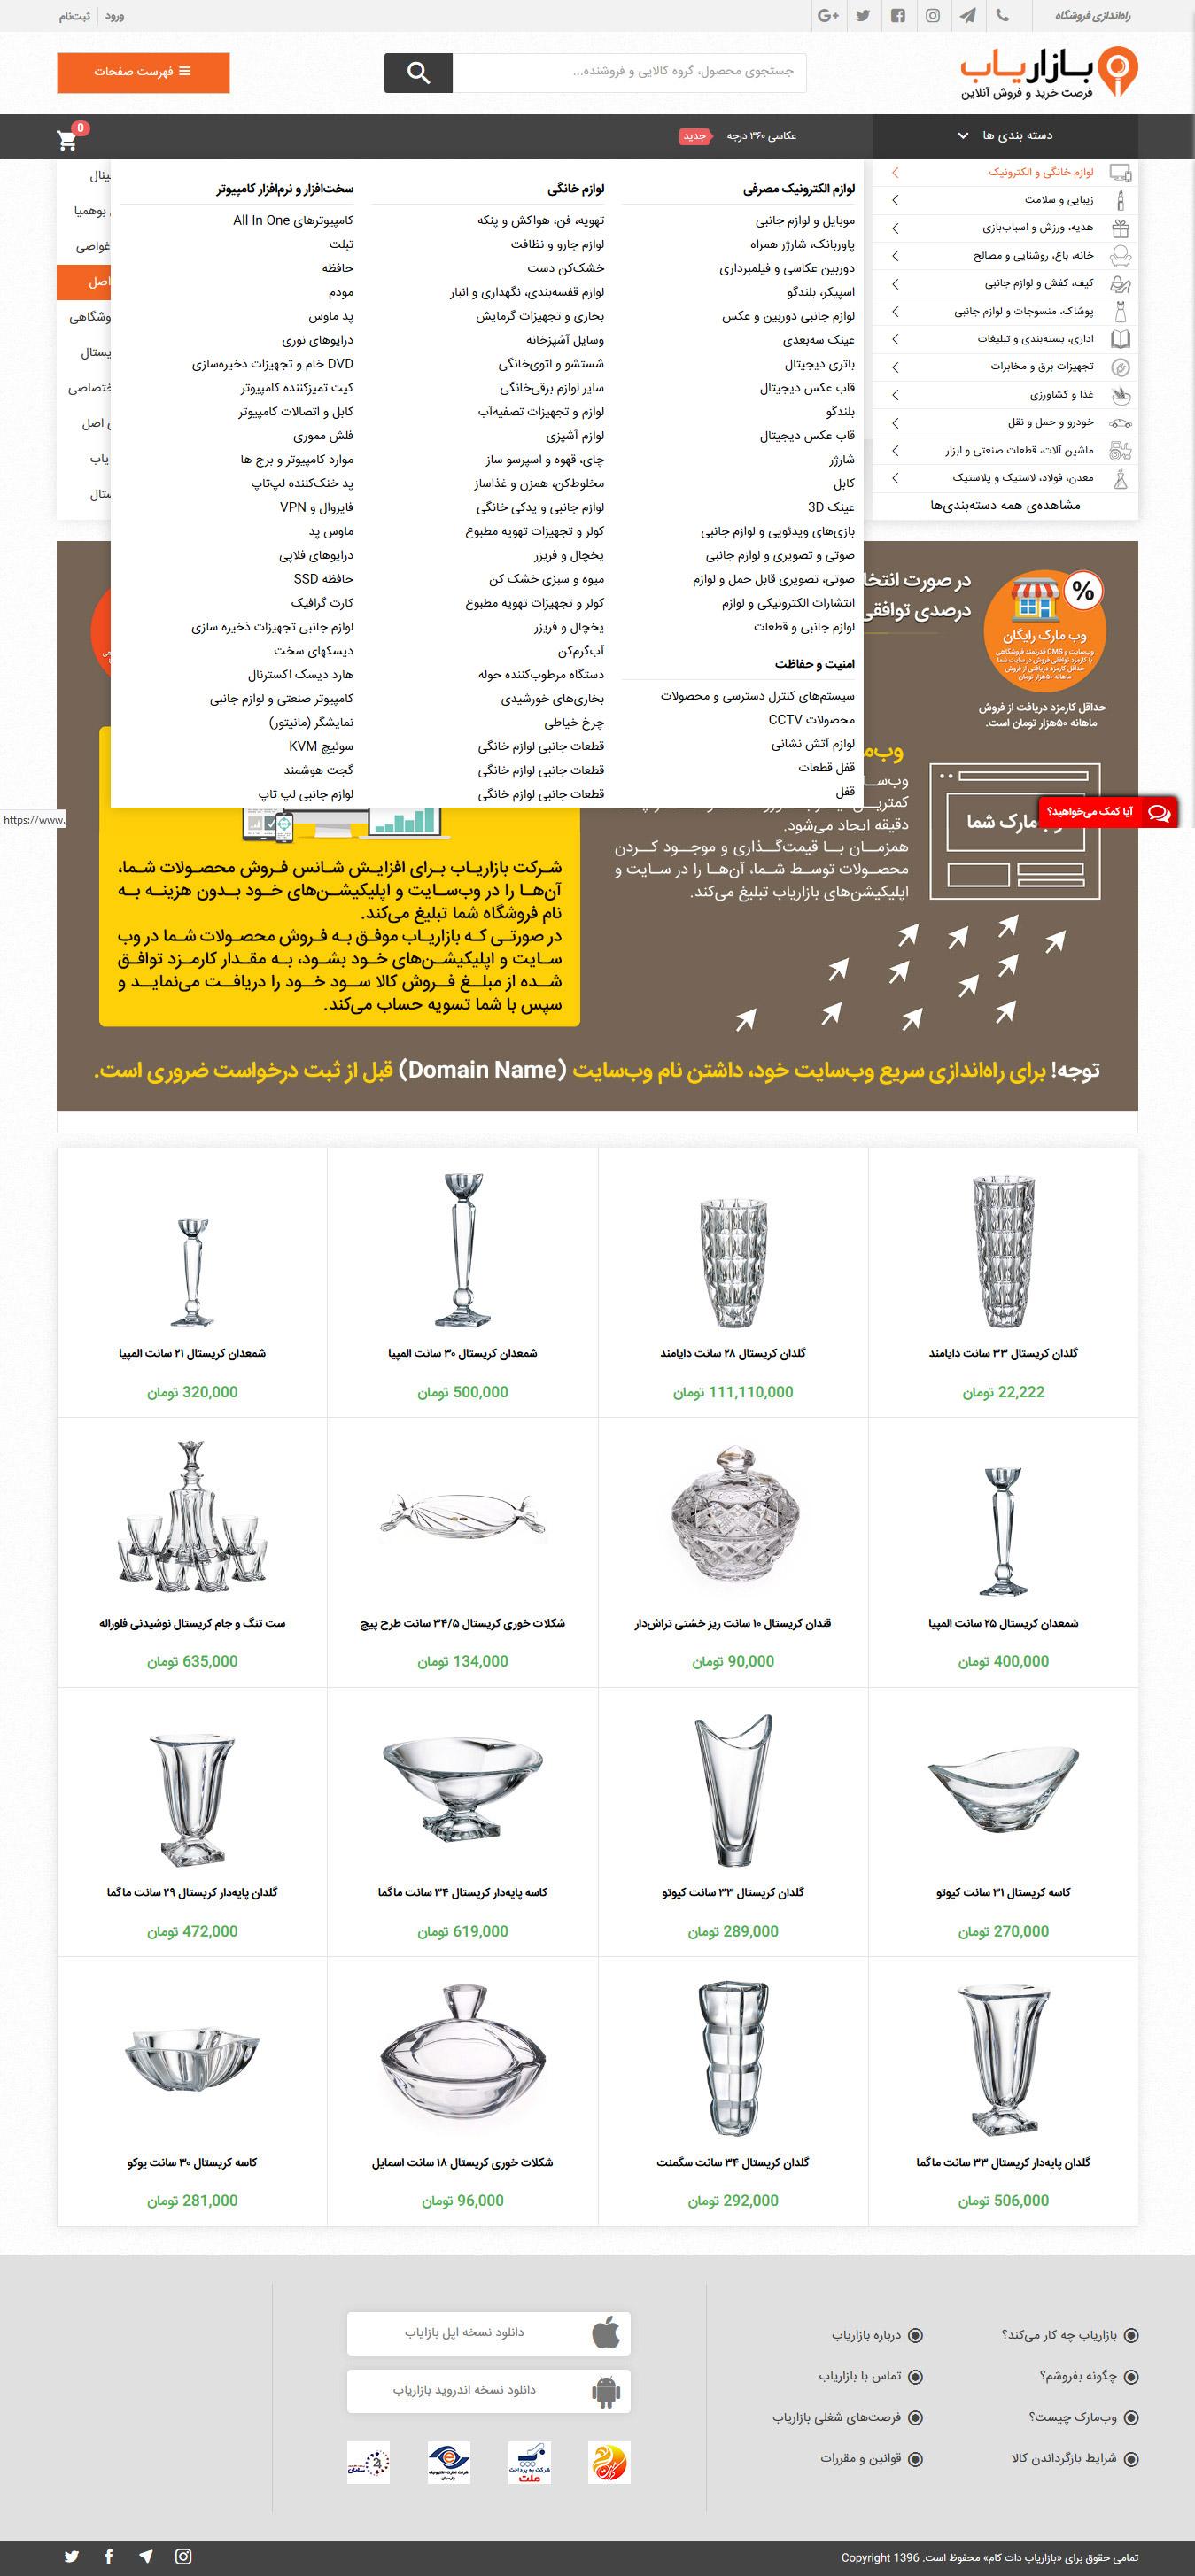 تصویری از منوی باز شده فروشگاه بازاریاب دات کام